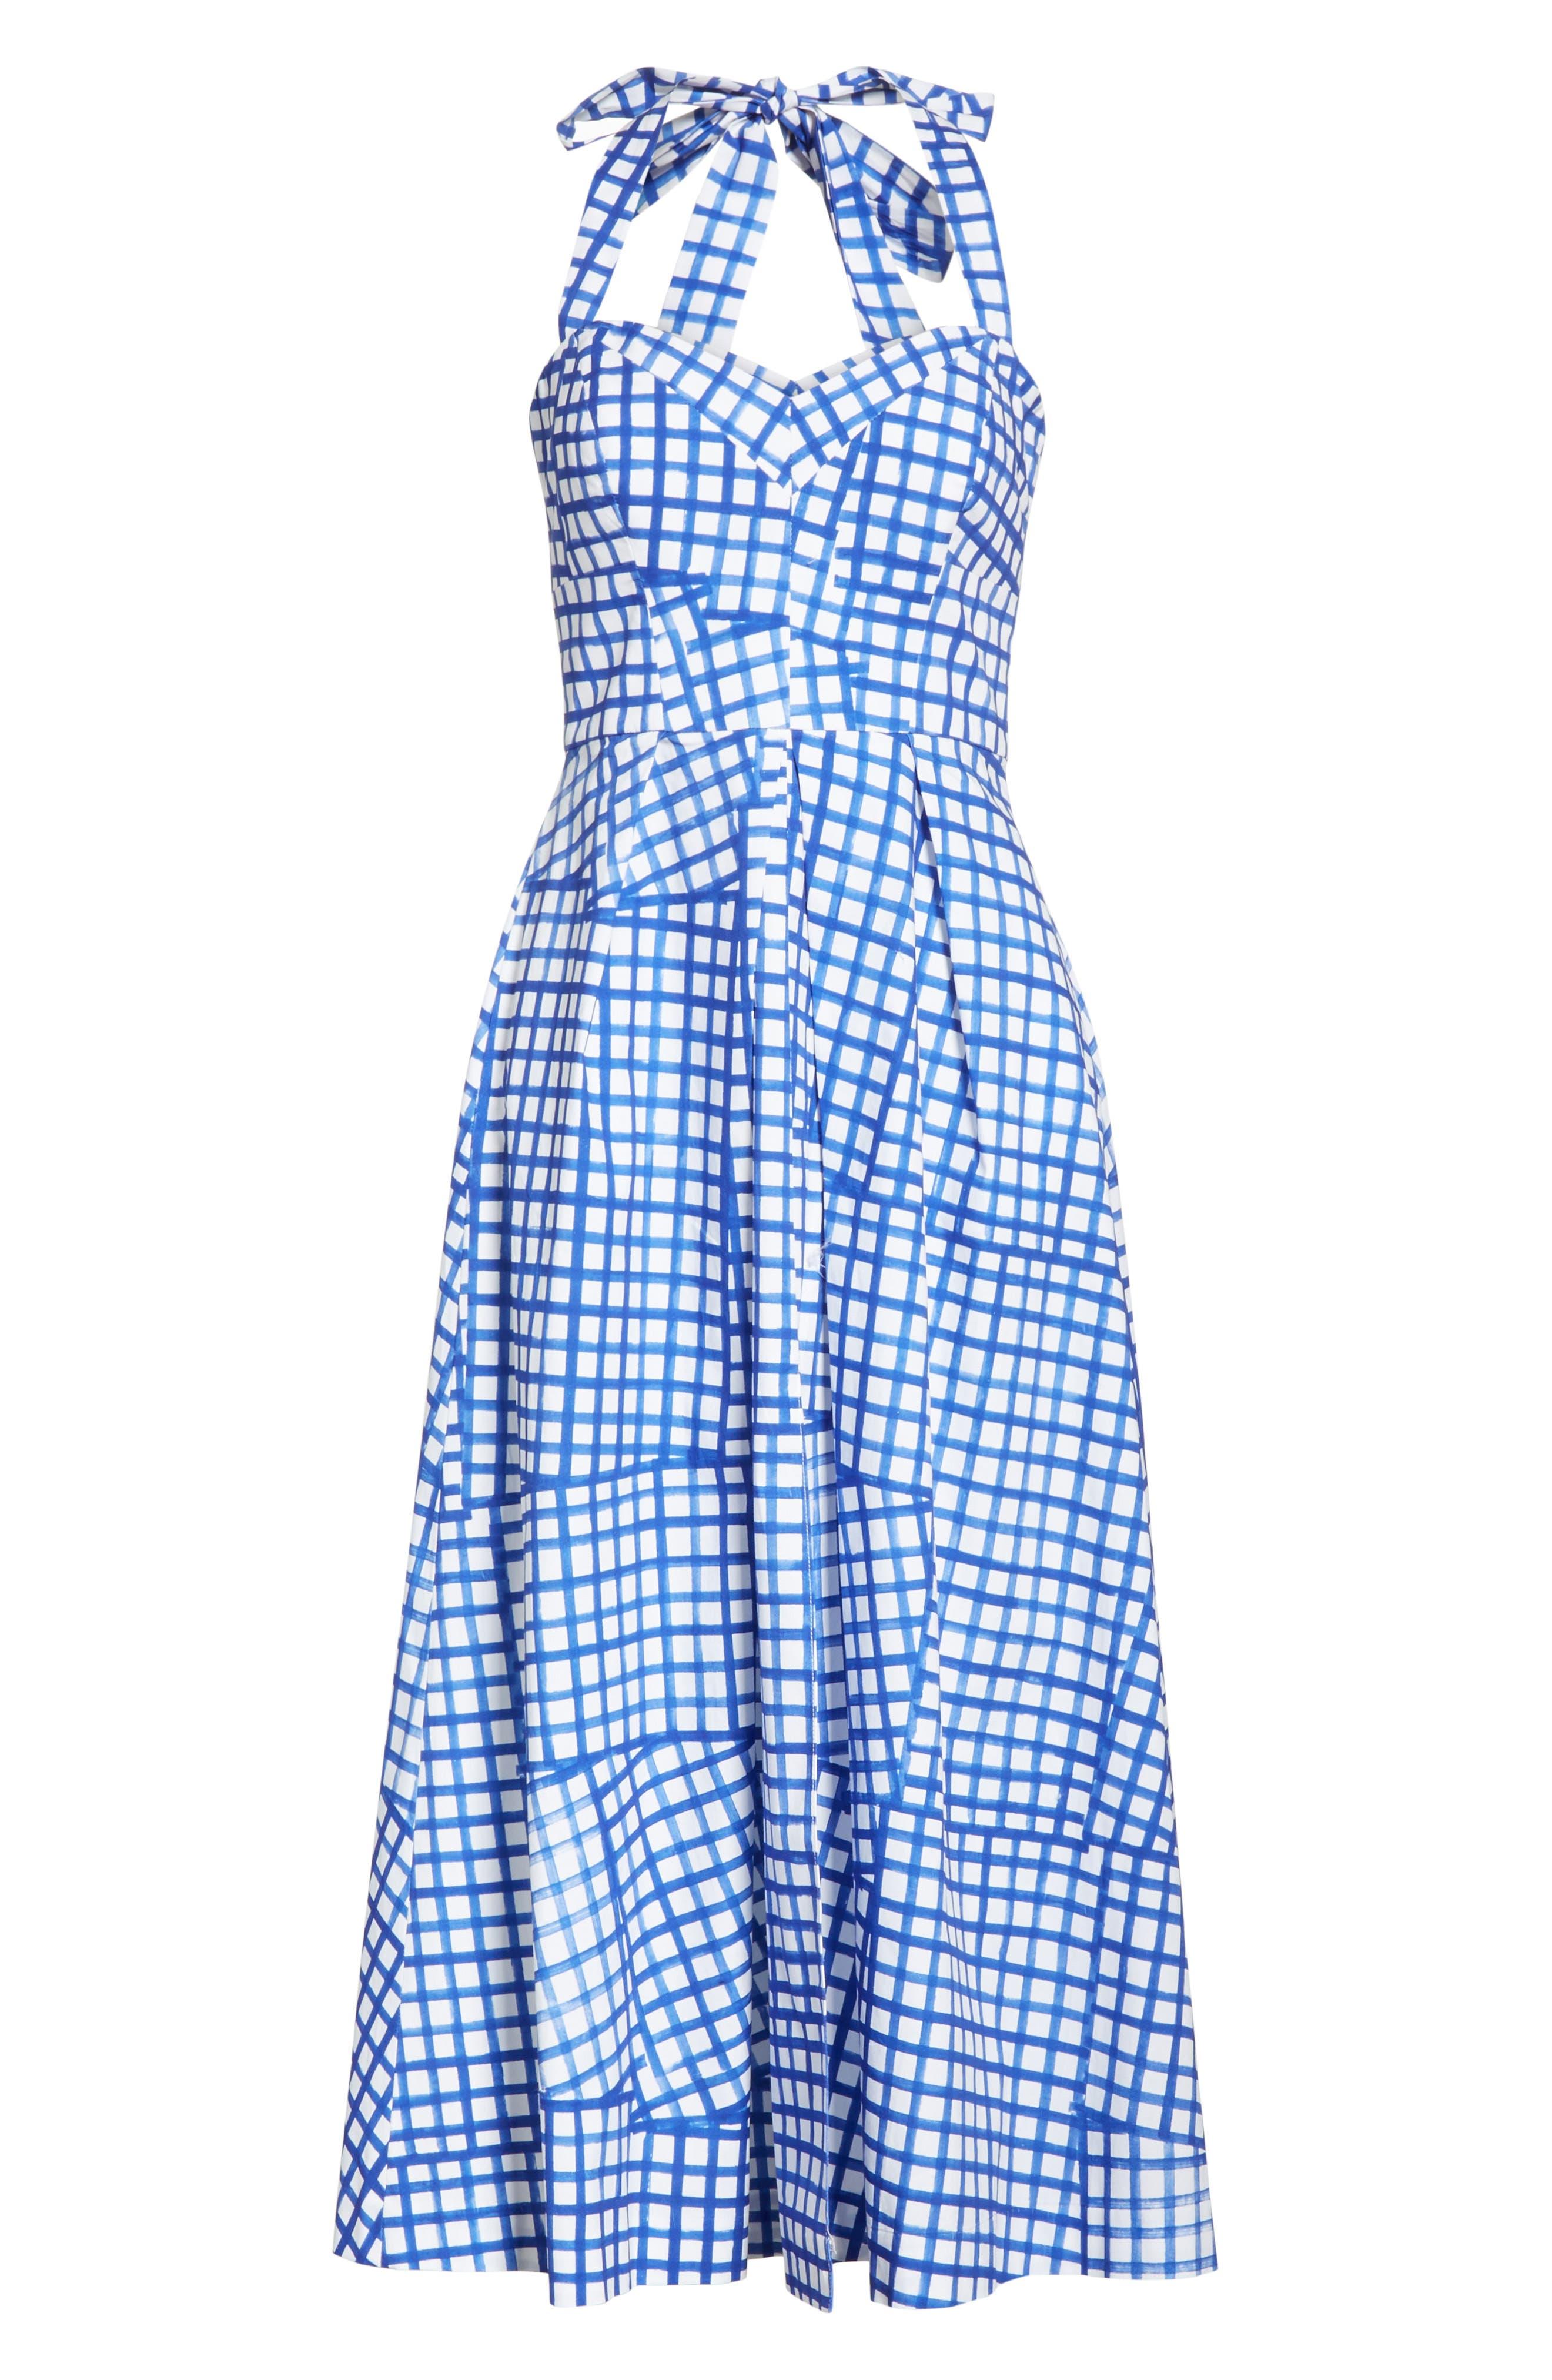 Paige Stretch Cotton Halter Dress,                             Alternate thumbnail 6, color,                             Blueberry